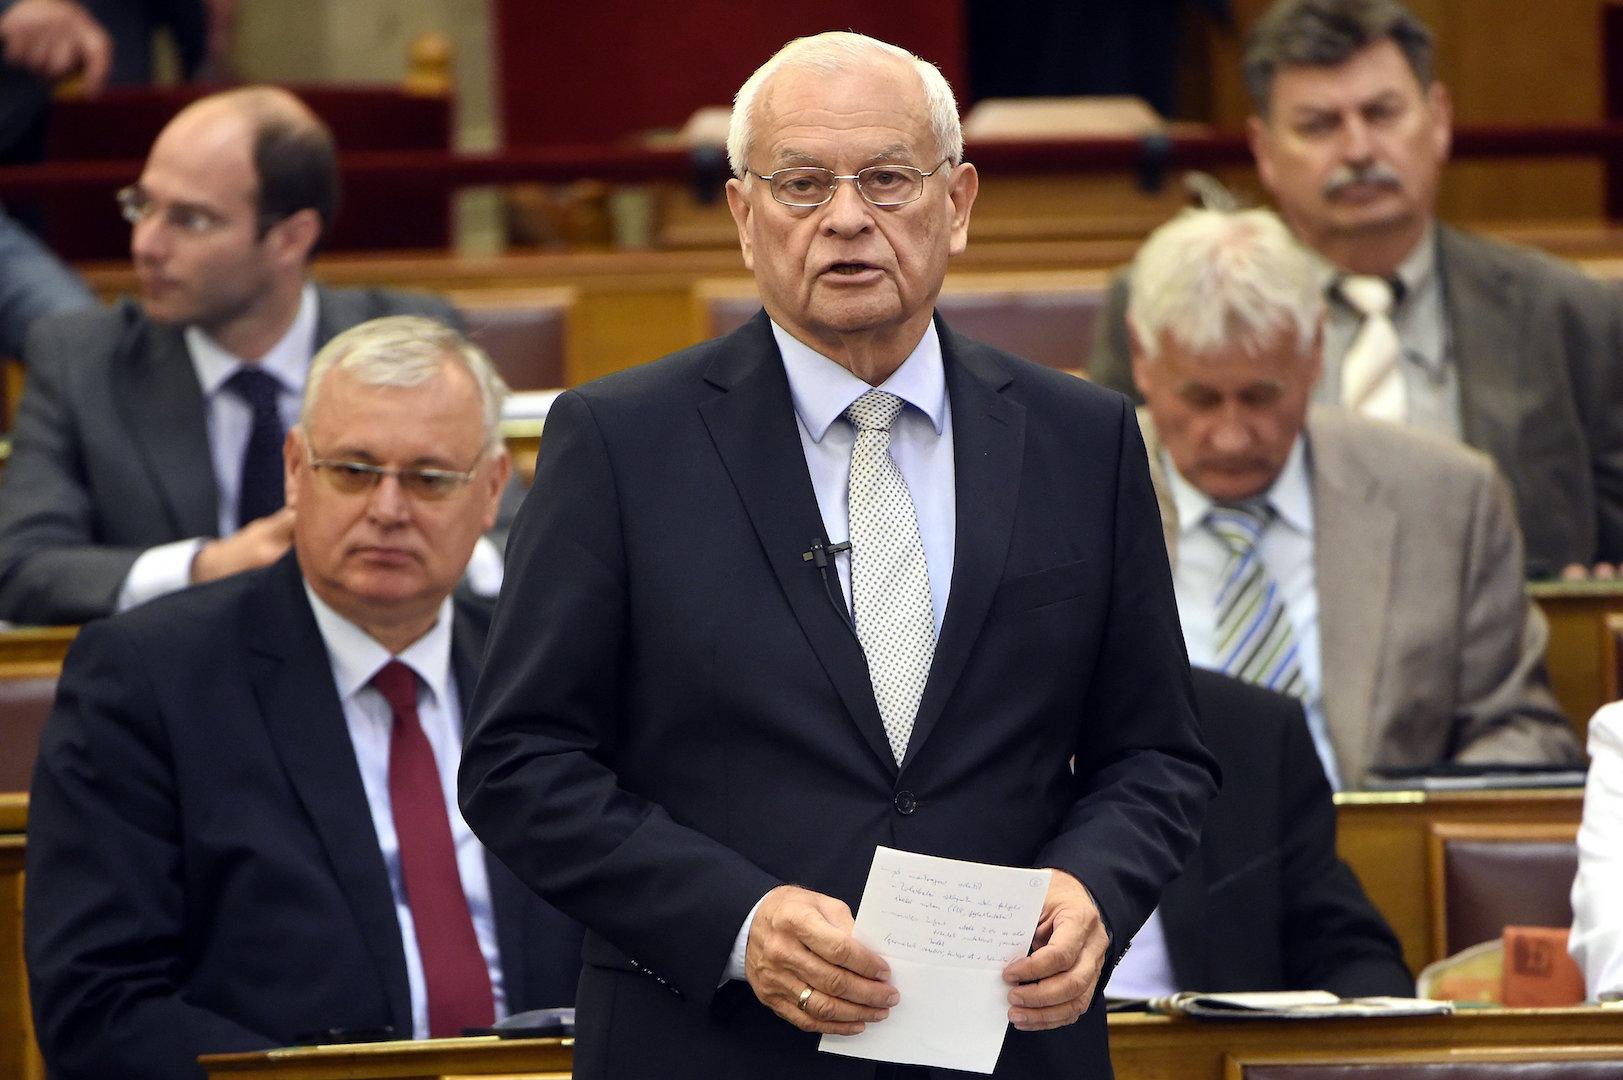 Budapest, 2016. június 13. Harrach Péter, a KDNP frakcióvezetője napirend előtt felszólal az Országgyűlés plenáris ülésén 2016. június 13-án. MTI Fotó: Kovács Tamás